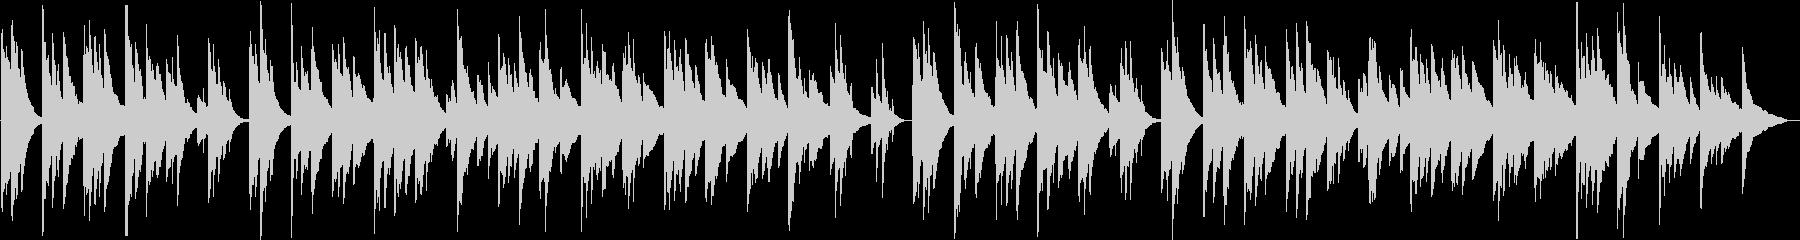 寂しく切ないシンセサイザーサウンドの未再生の波形